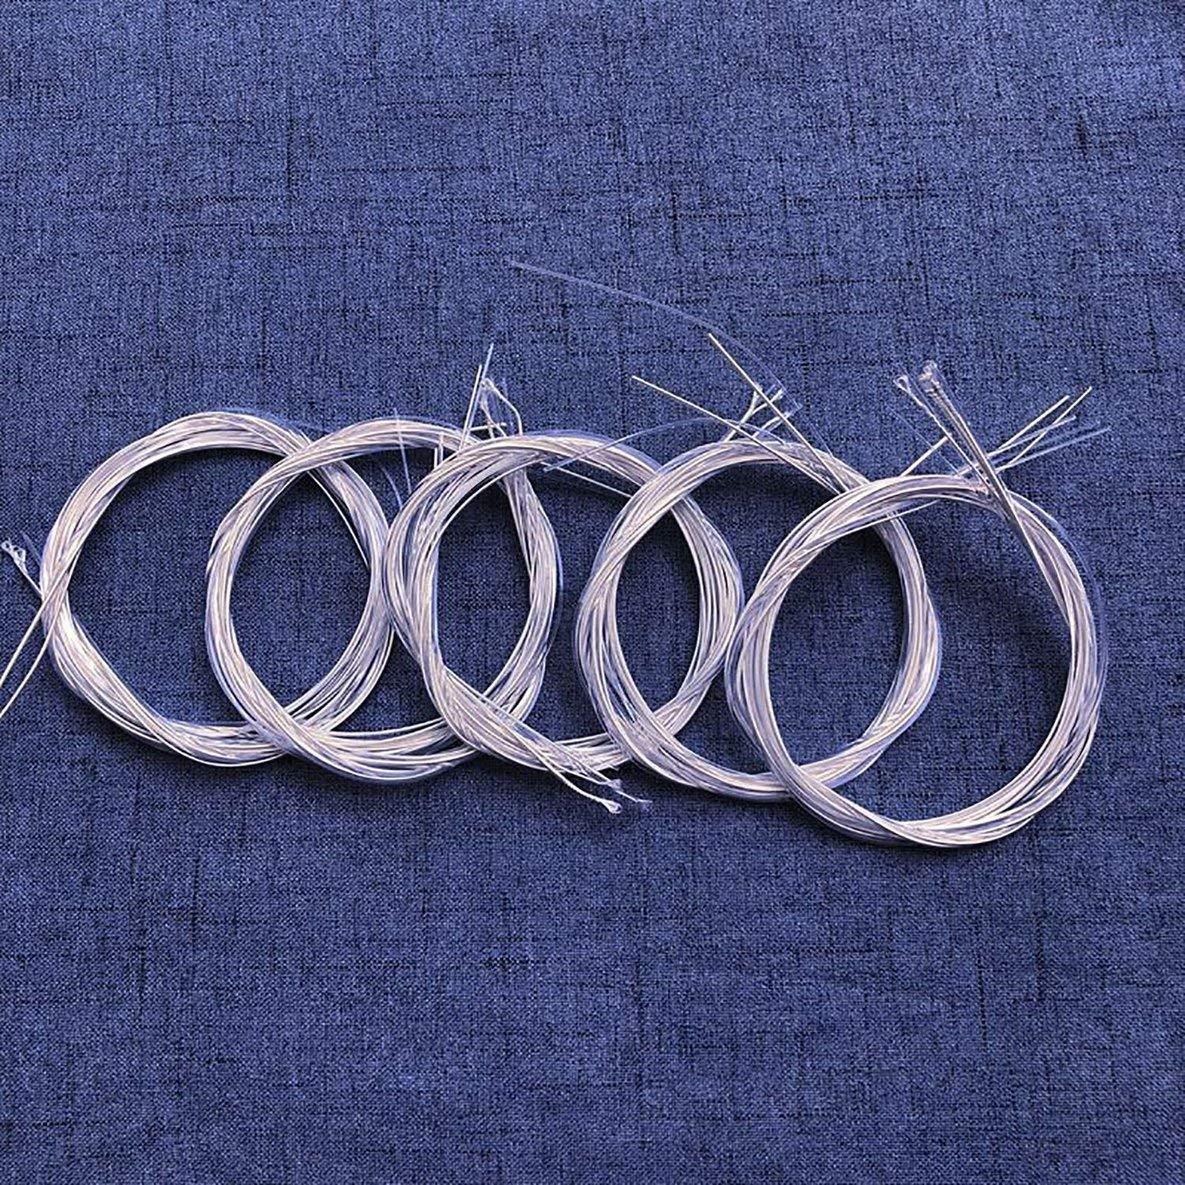 Set Cordes en Nylon Transparentes Noradtjcca Cordes de Guitare Classique 6pcs Accessoires pour Instruments de Musique en cuivre plaqu/és Argent